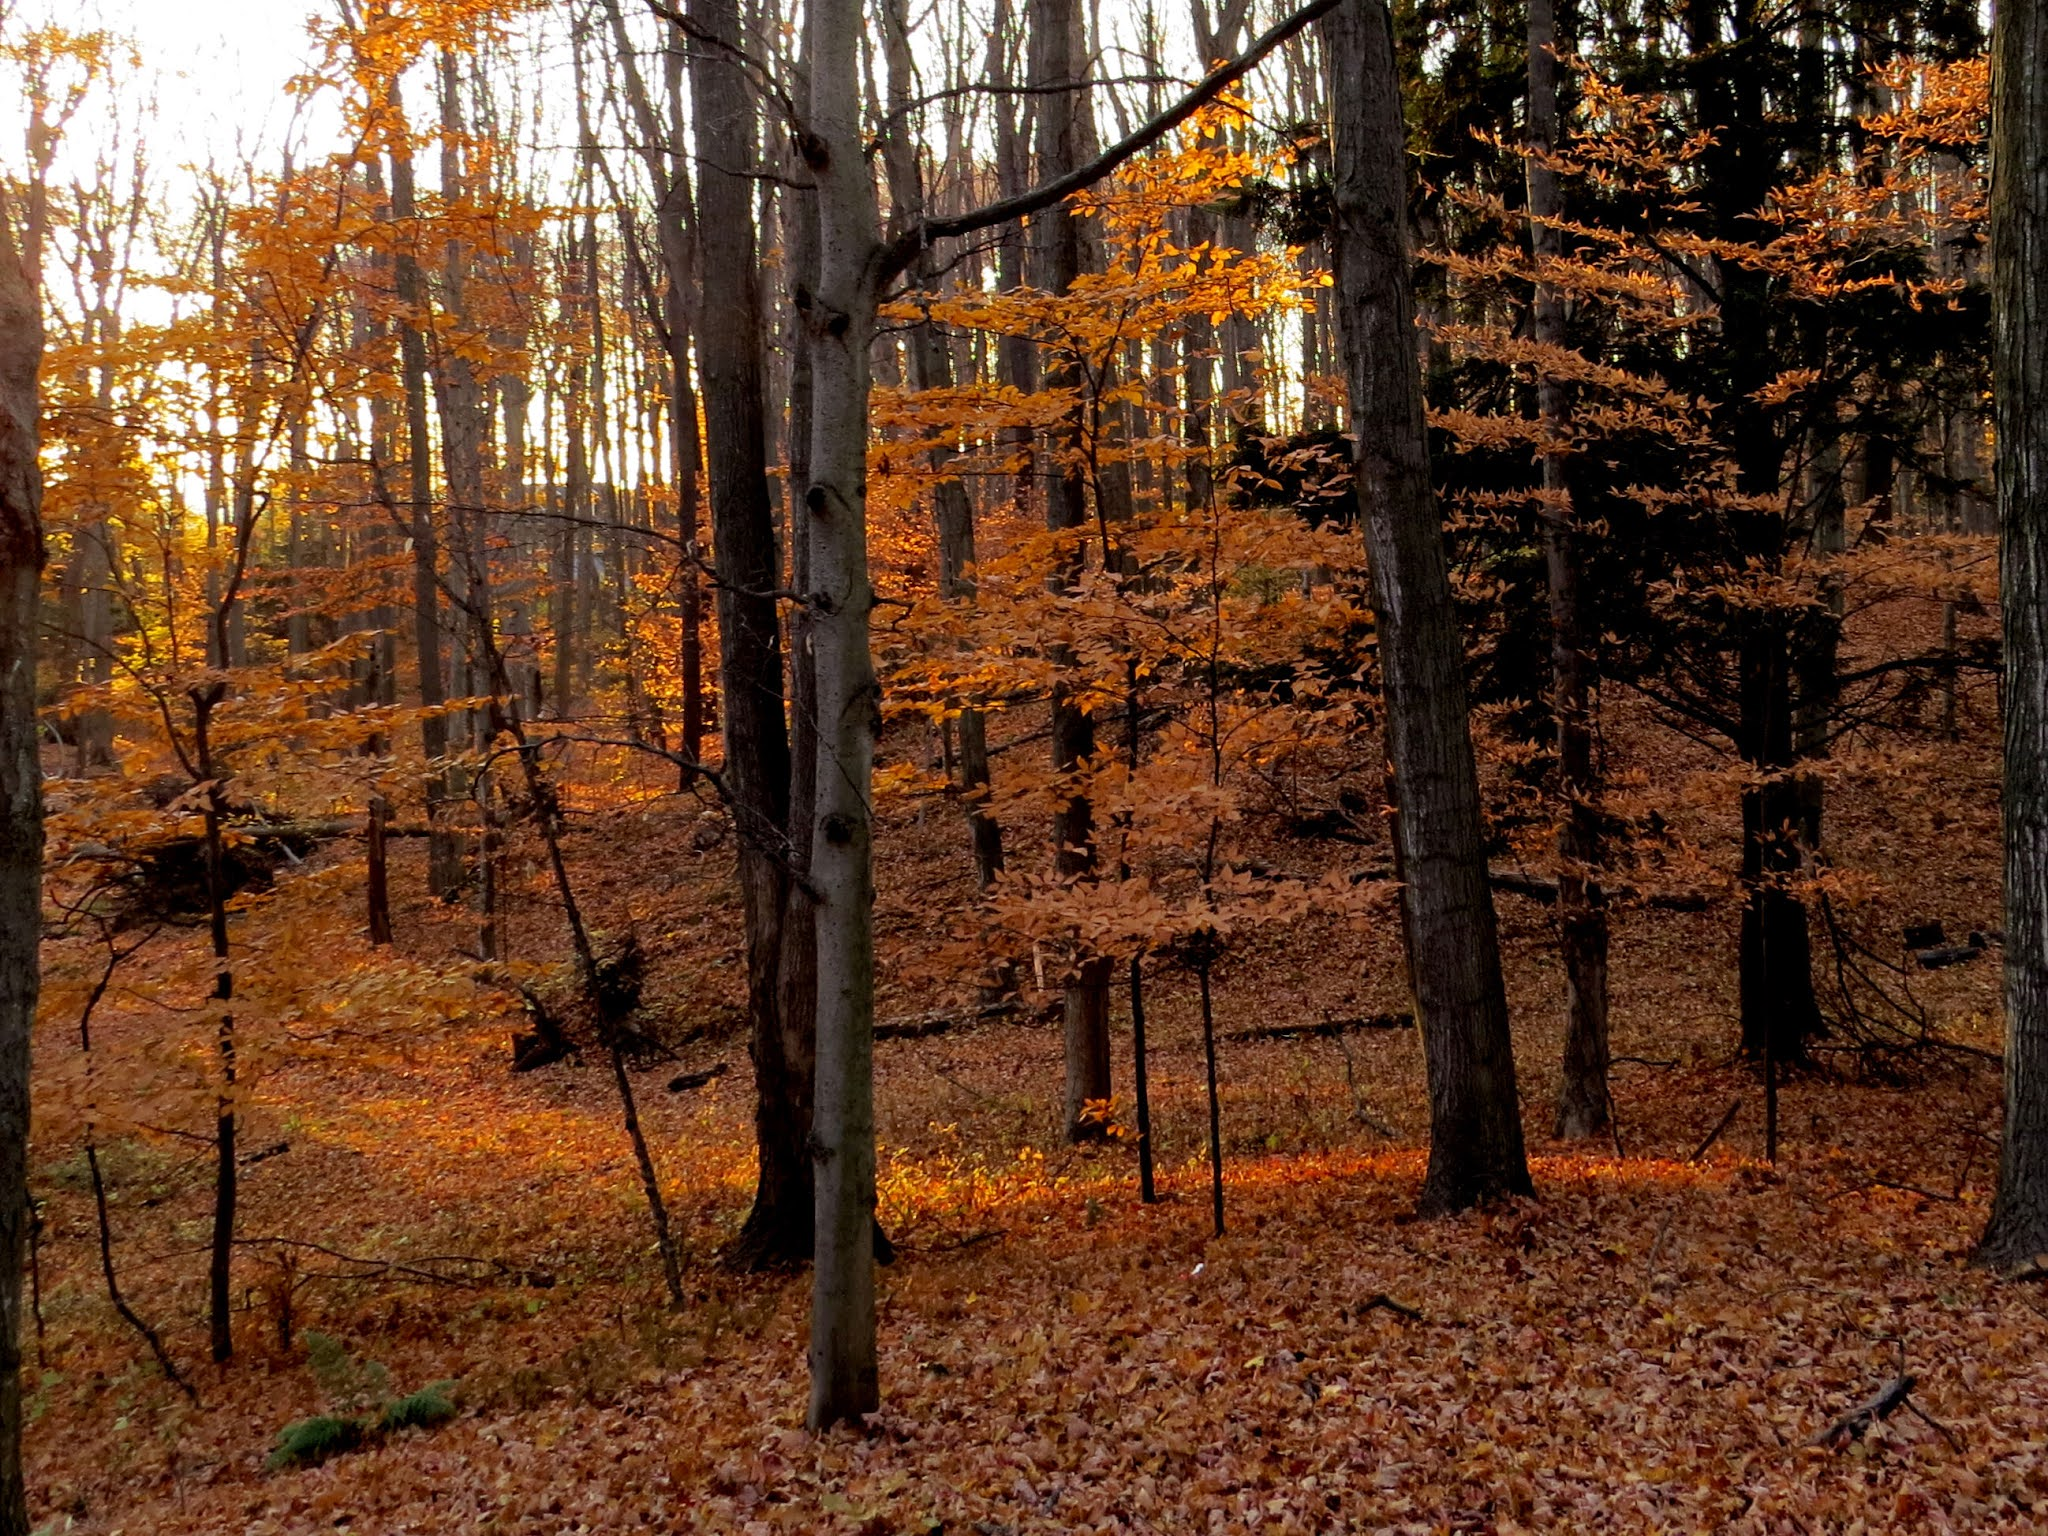 valley in autumn light